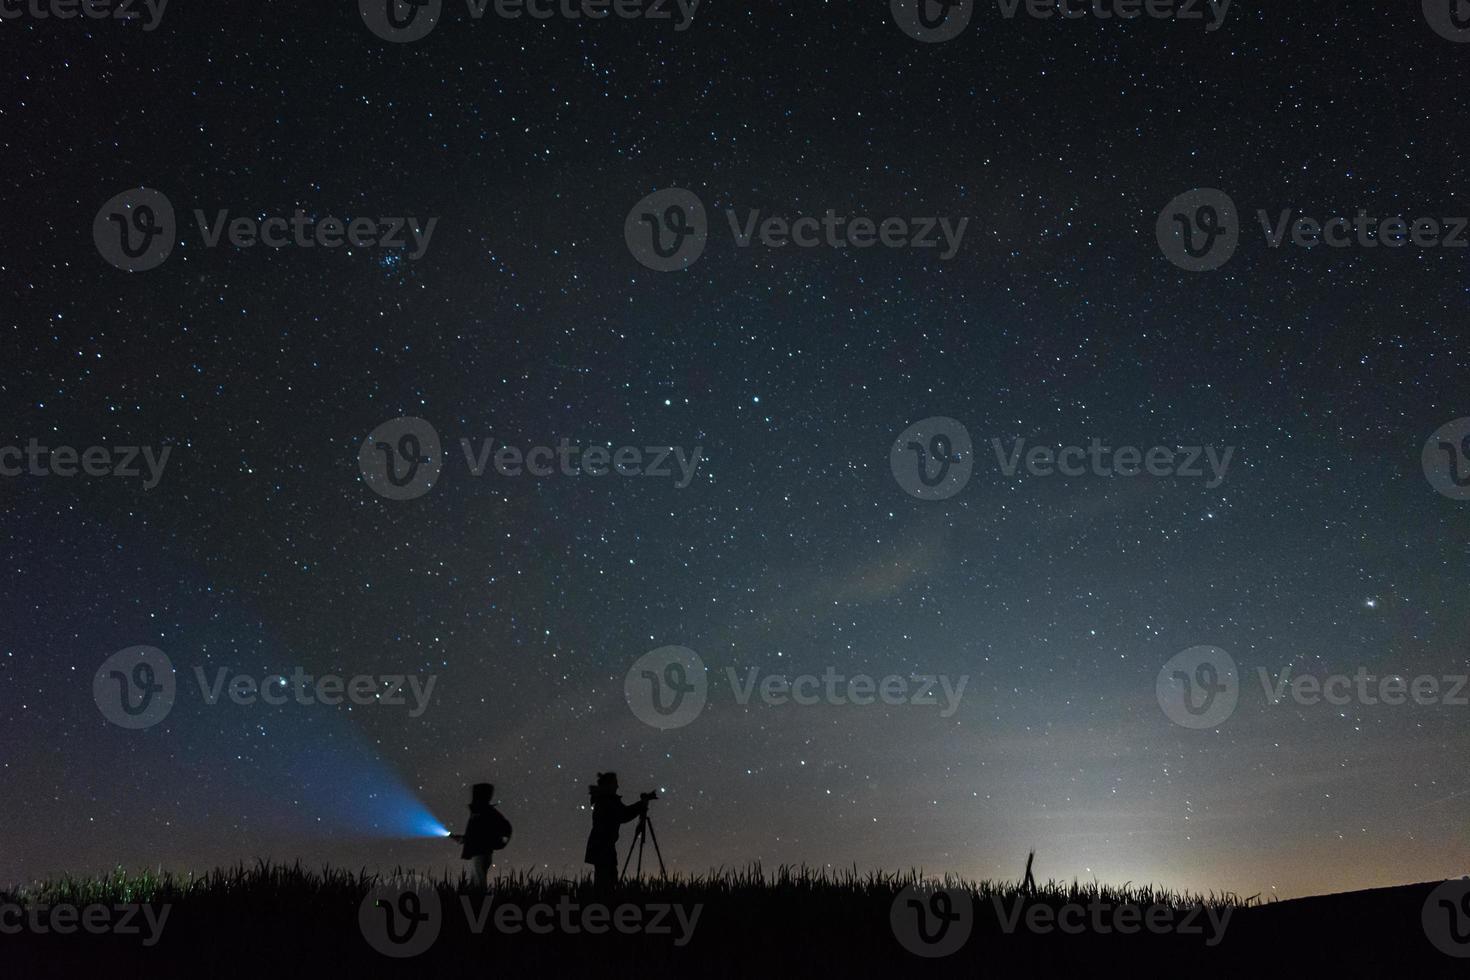 fotógrafos de silhueta com um fundo de céu cheio de estrelas à noite foto